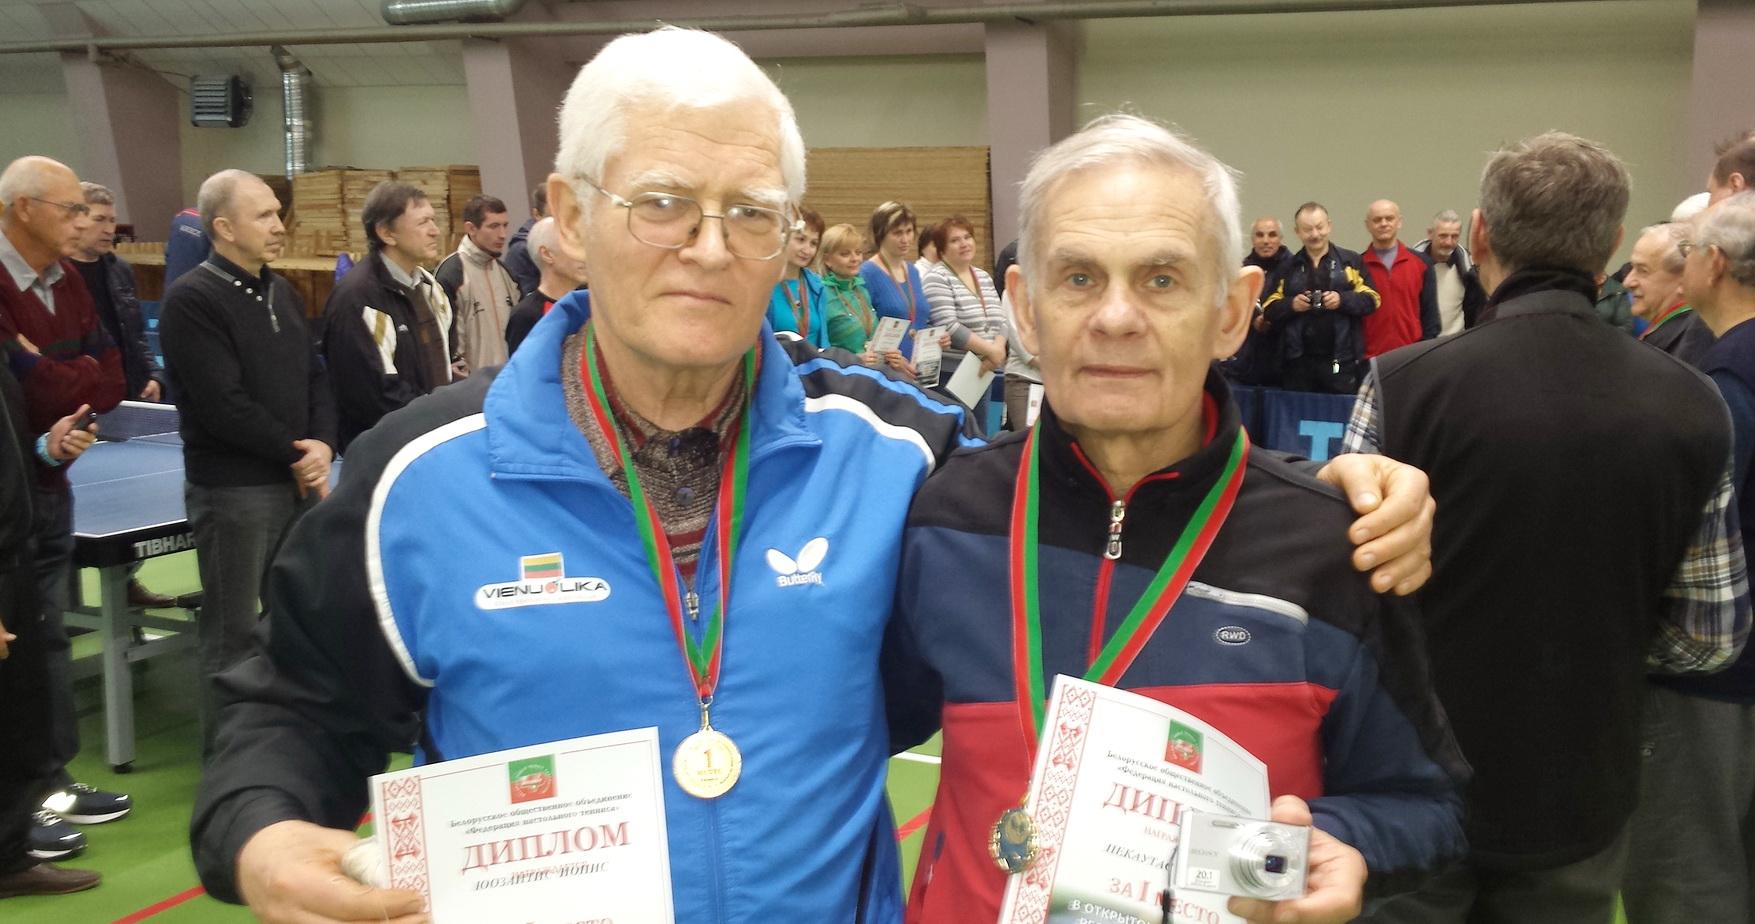 Baltarusijos stalo teniso senjorų čempionato nugalėtojai – du Jonai iš Lietuvos: kaunietis Juozaitis (kairėje) ir šilutiškis Piekautas.